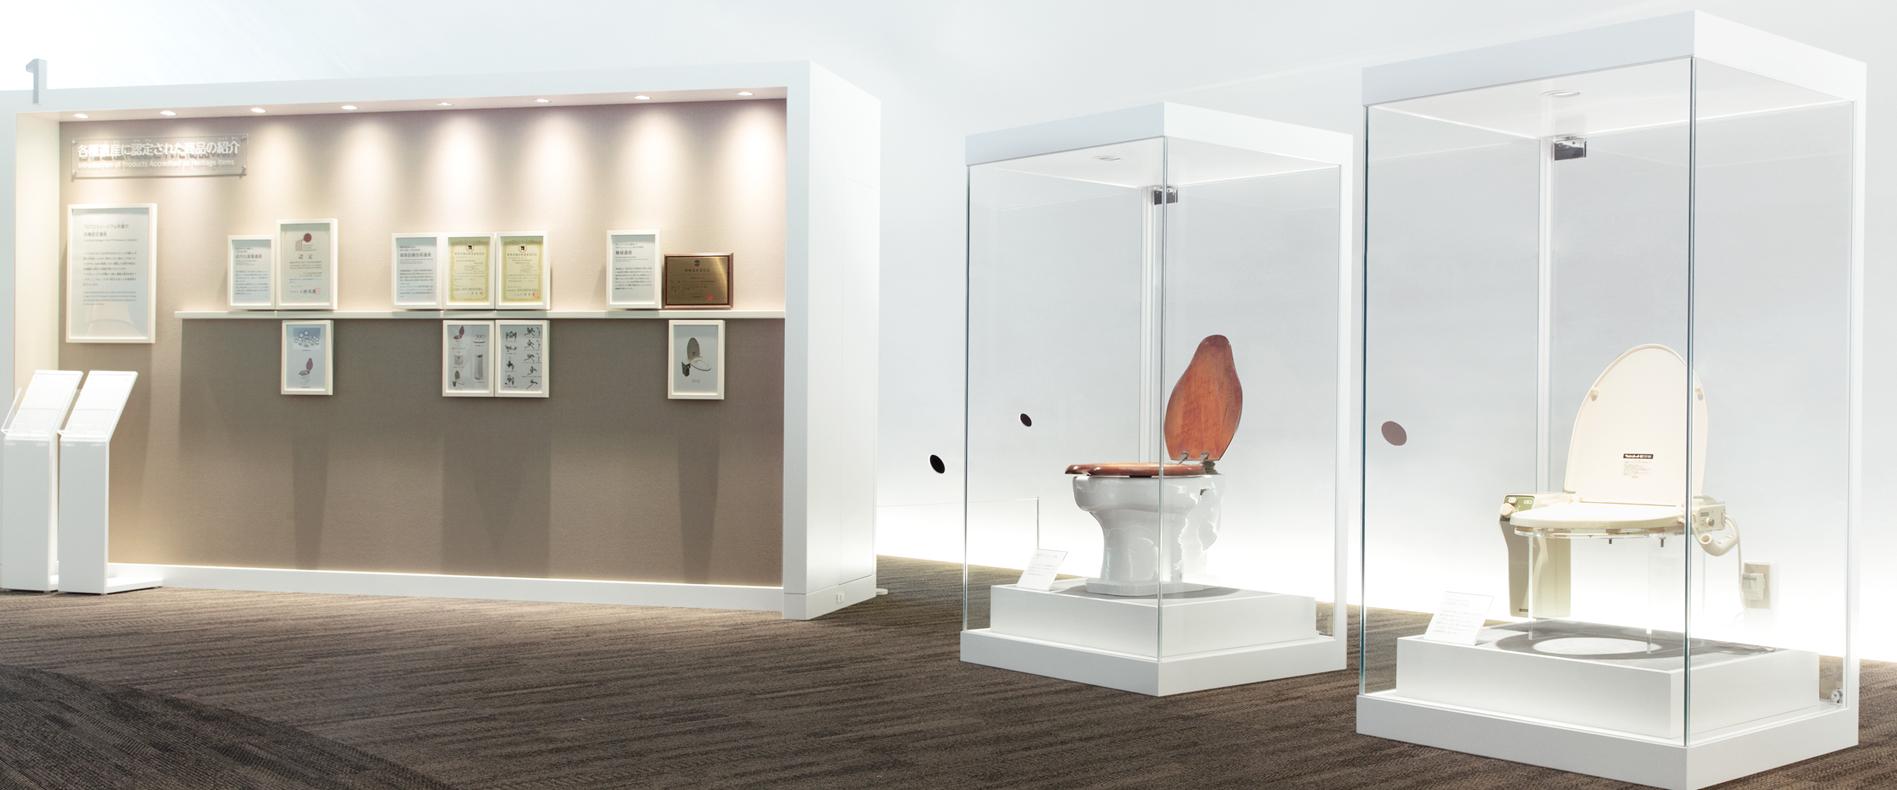 Gabloty z wystawami toalet w muzeum TOTO